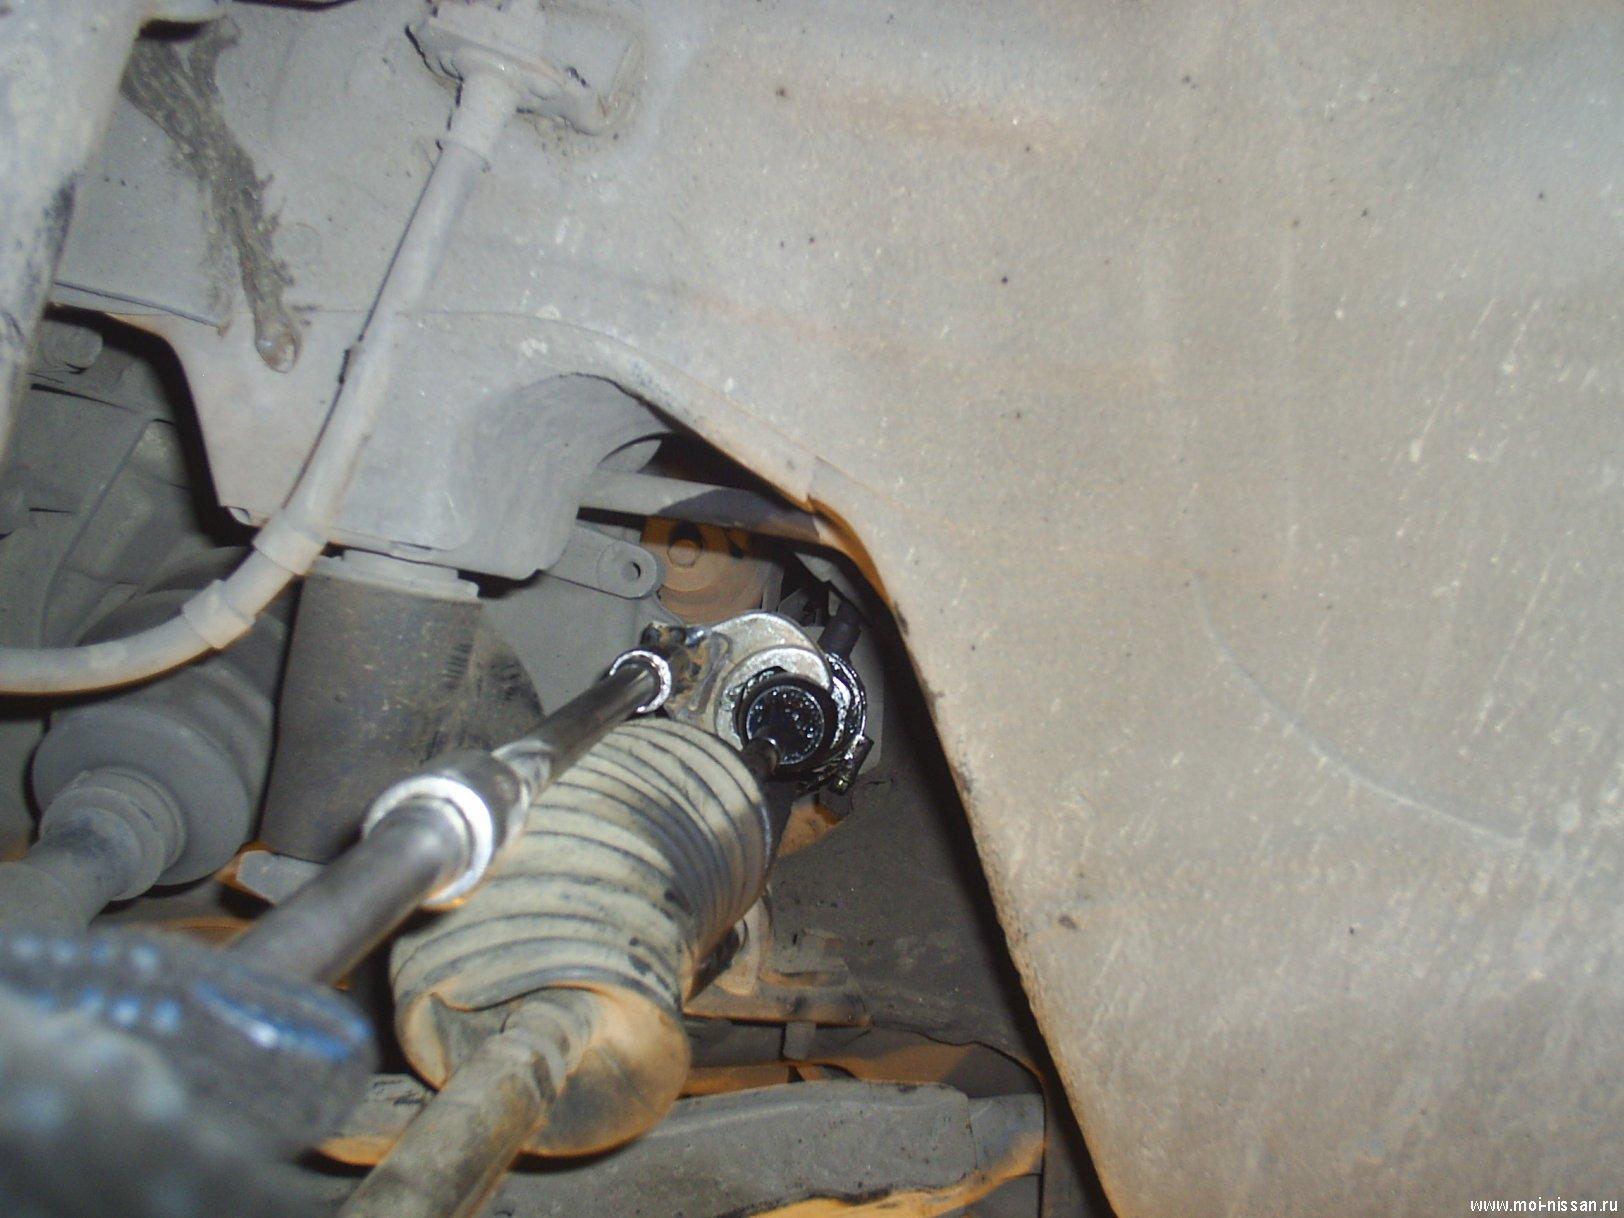 Замена сальника рулевой рейки рено симбол своими руками